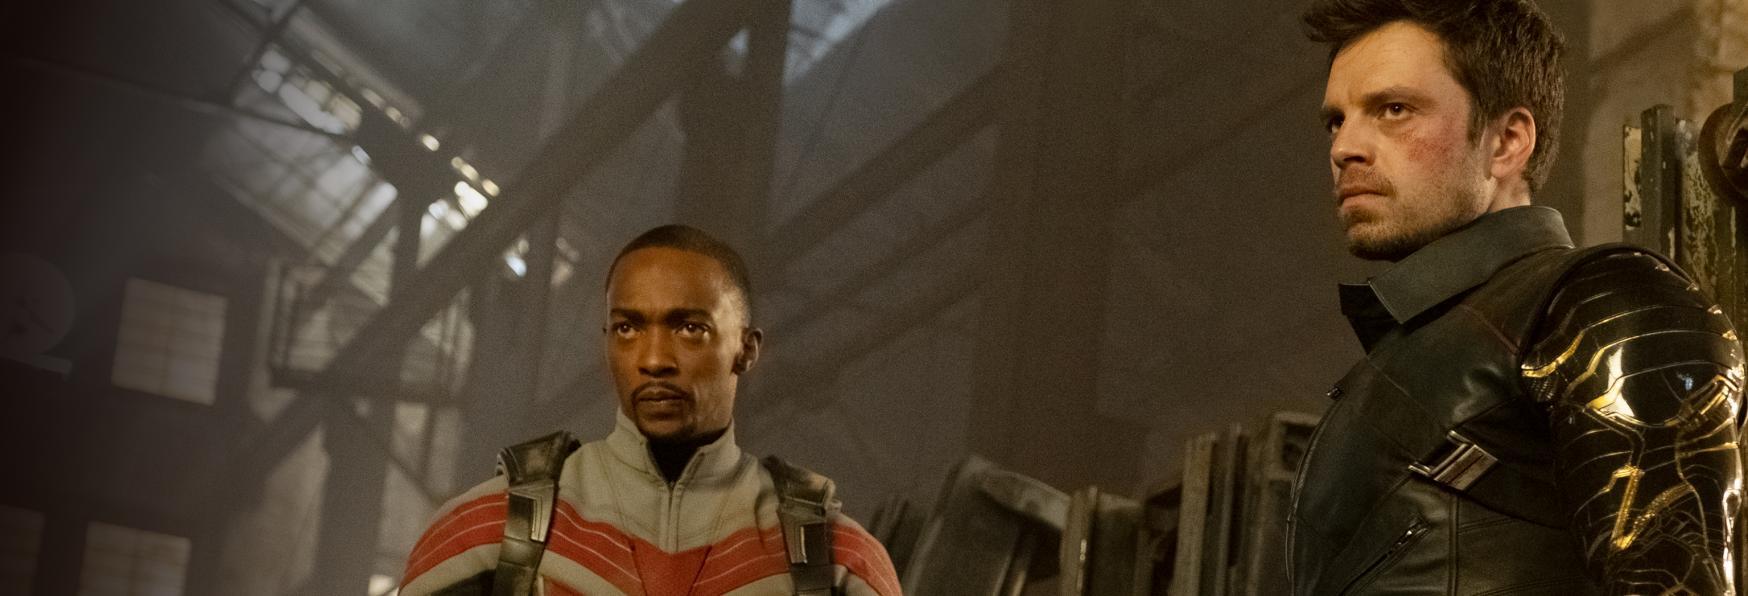 The Falcon and the Winter Soldier: Recensione del 1° Episodio della nuova Serie TV Disney